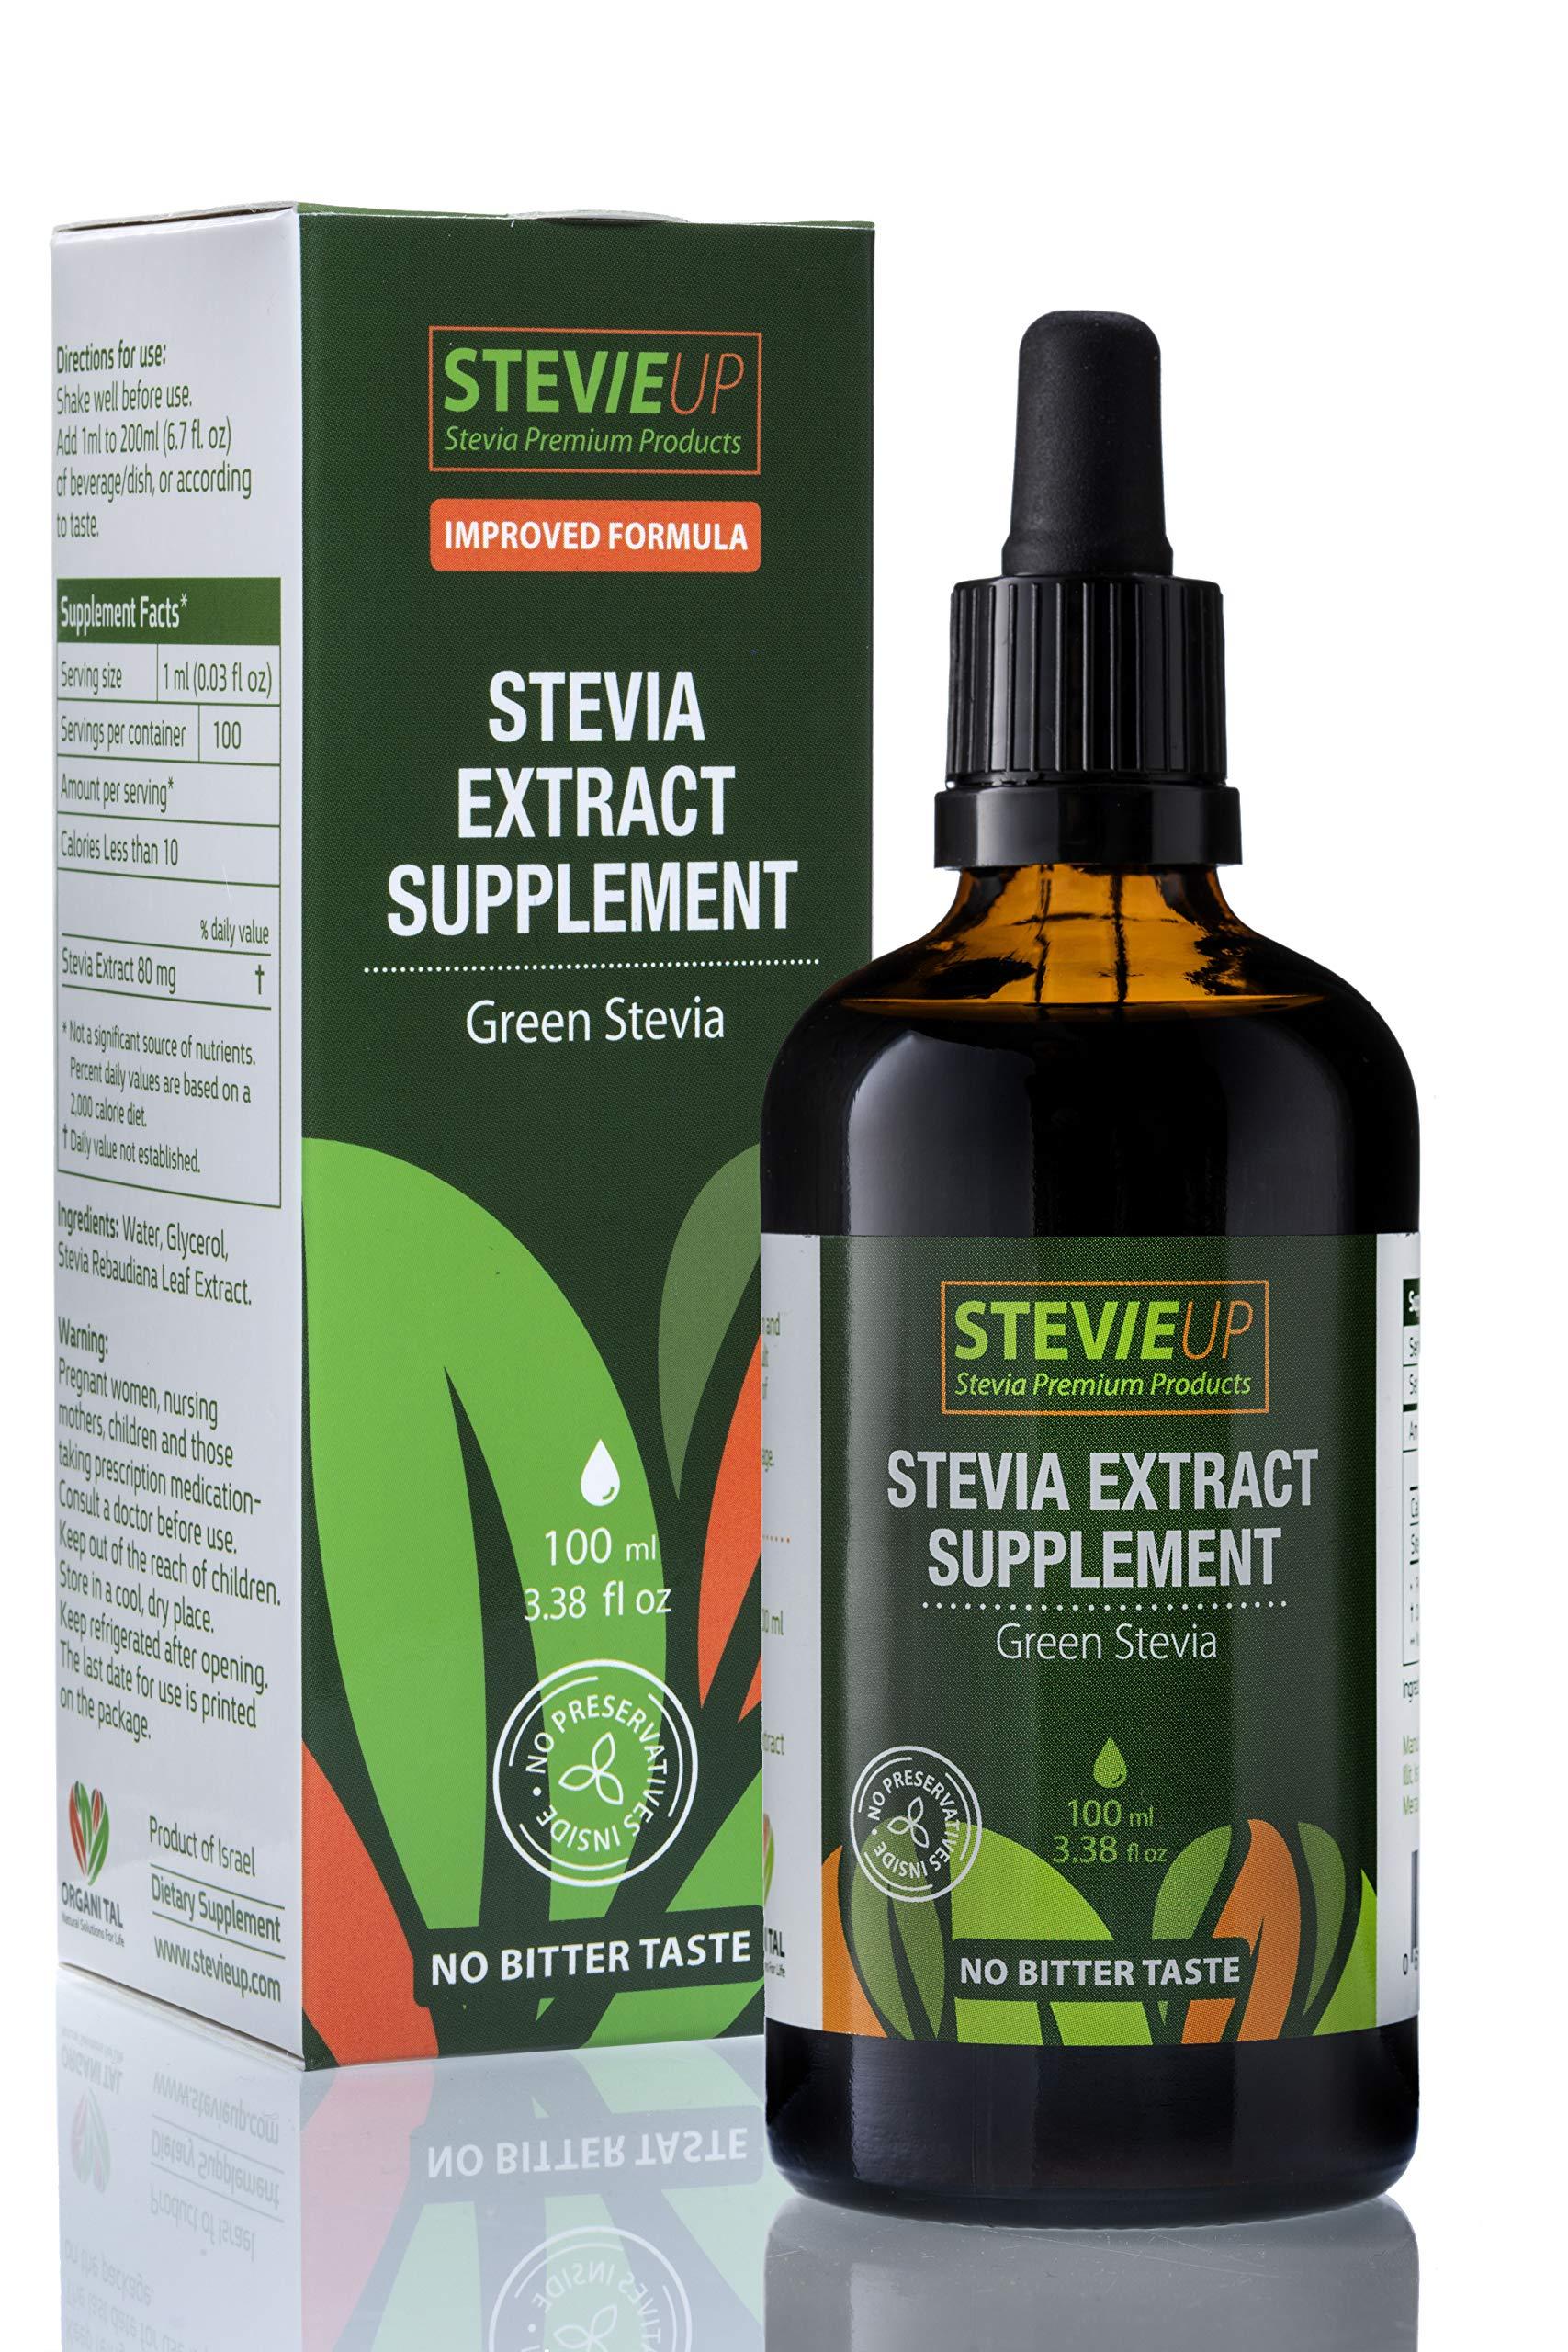 STEVIEUP Natural Stevia Extract, Natural Green Stevia, OrganiTal Liquid Stevia, All Natural Stevia